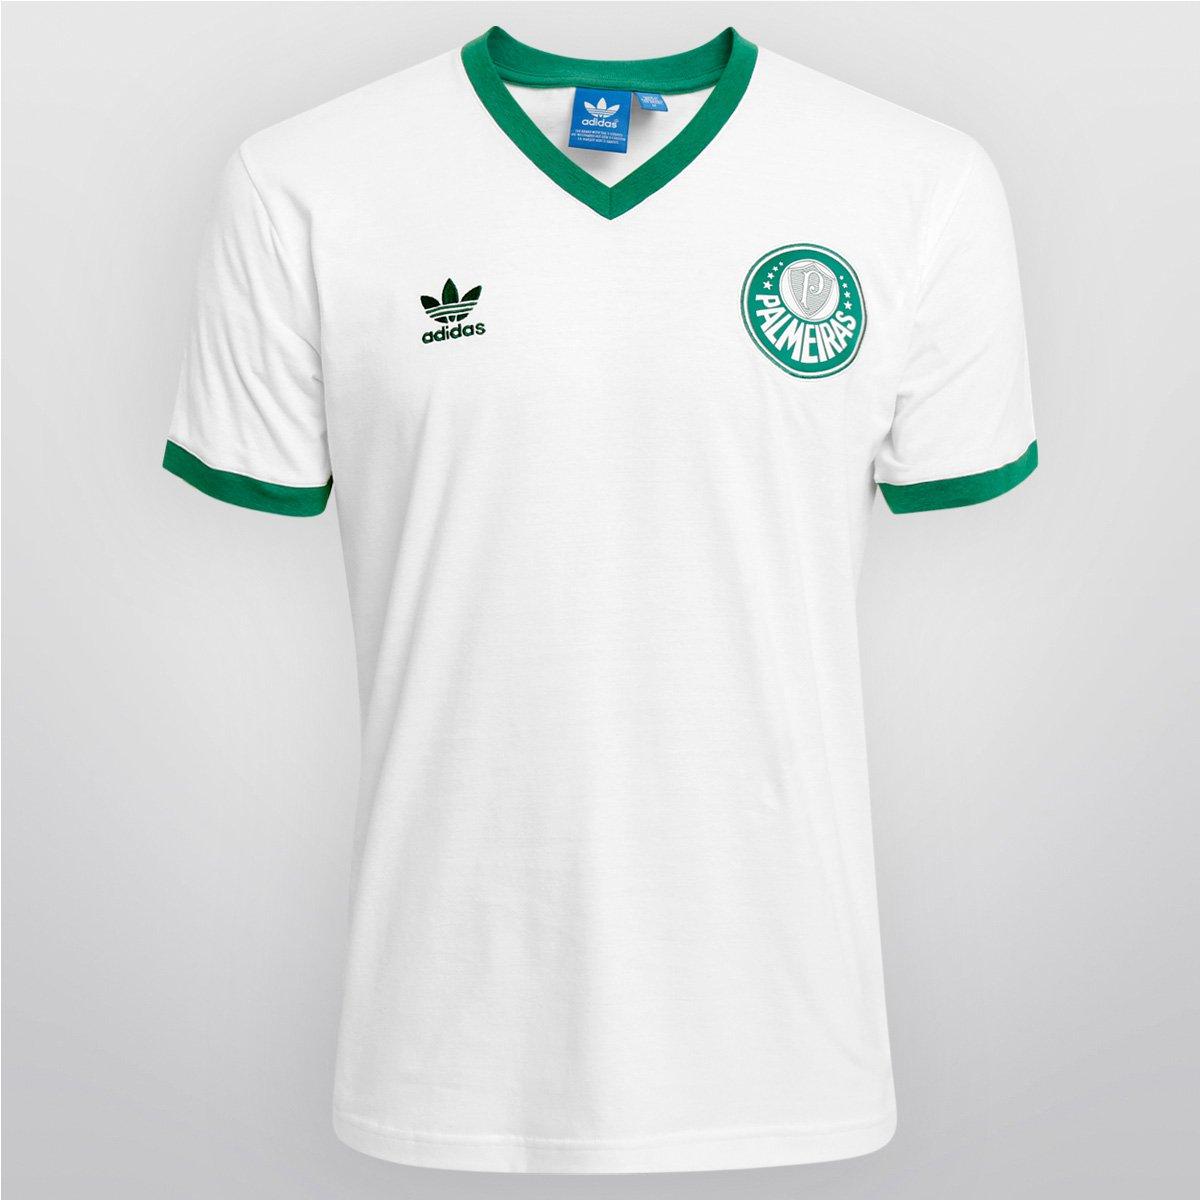 47a81f358f30d Camisa Adidas Palmeiras Retrô - Compre Agora